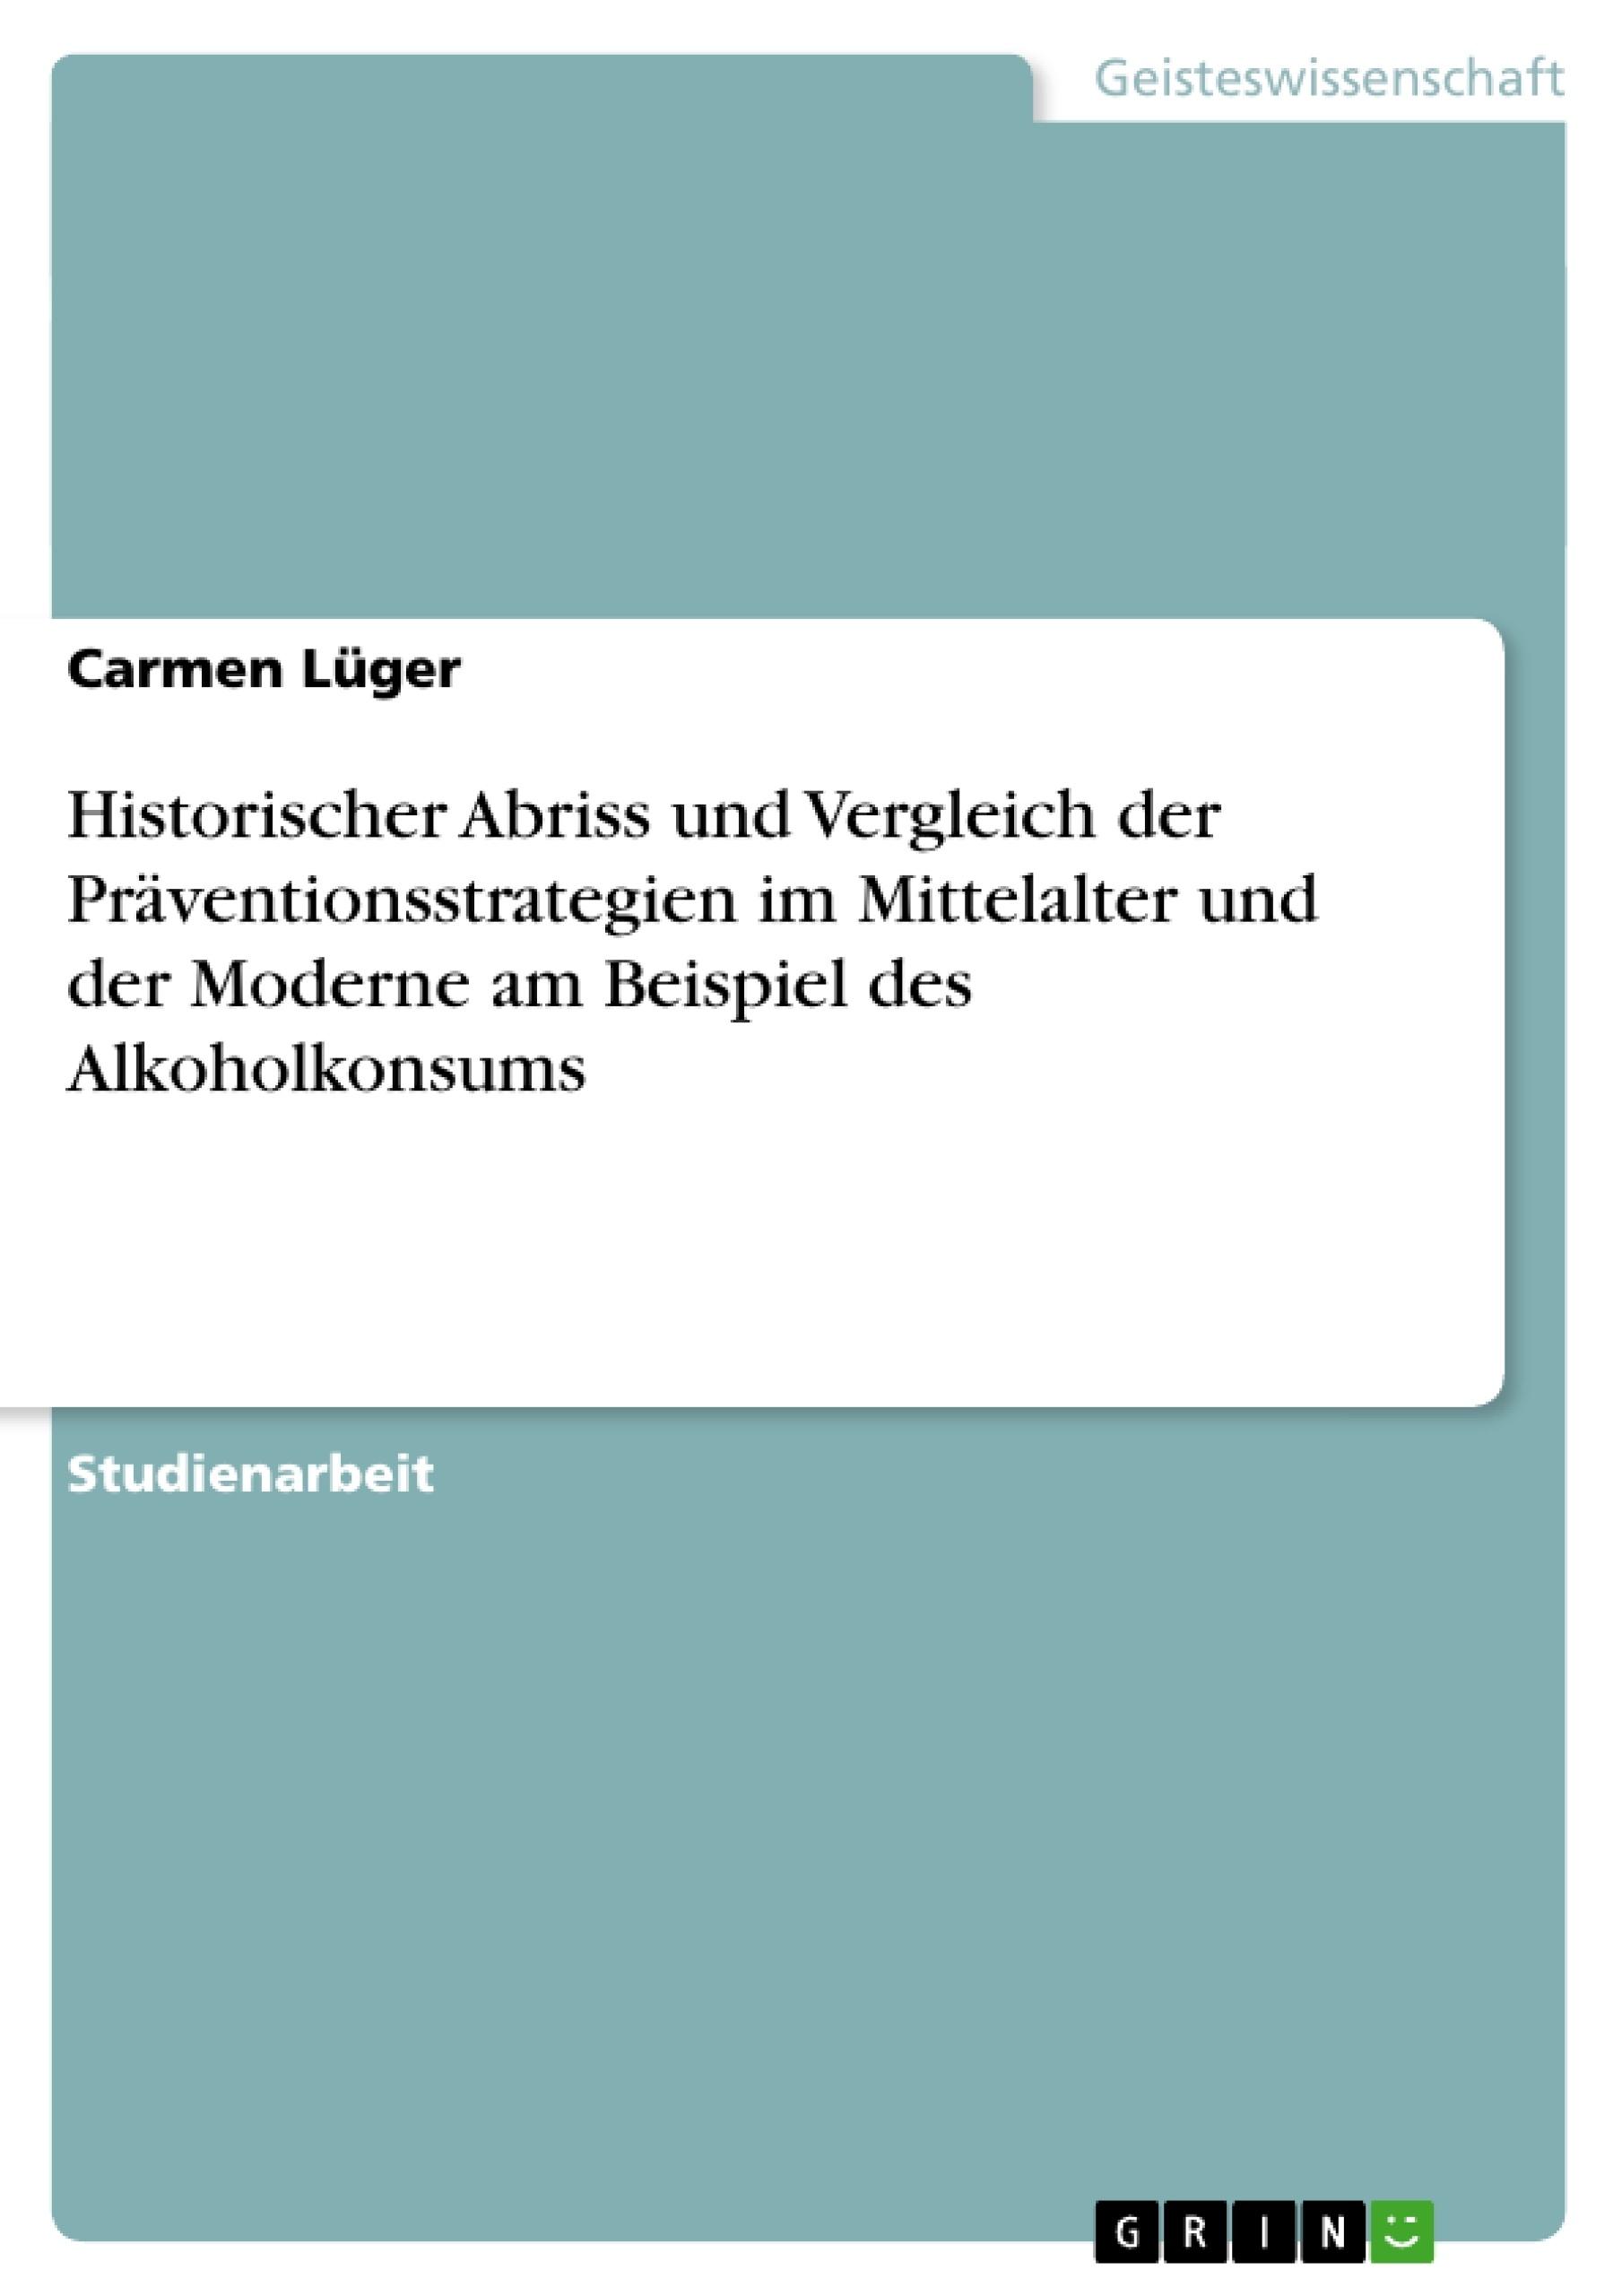 Titel: Historischer Abriss und Vergleich der Präventionsstrategien im Mittelalter und der Moderne am Beispiel des Alkoholkonsums